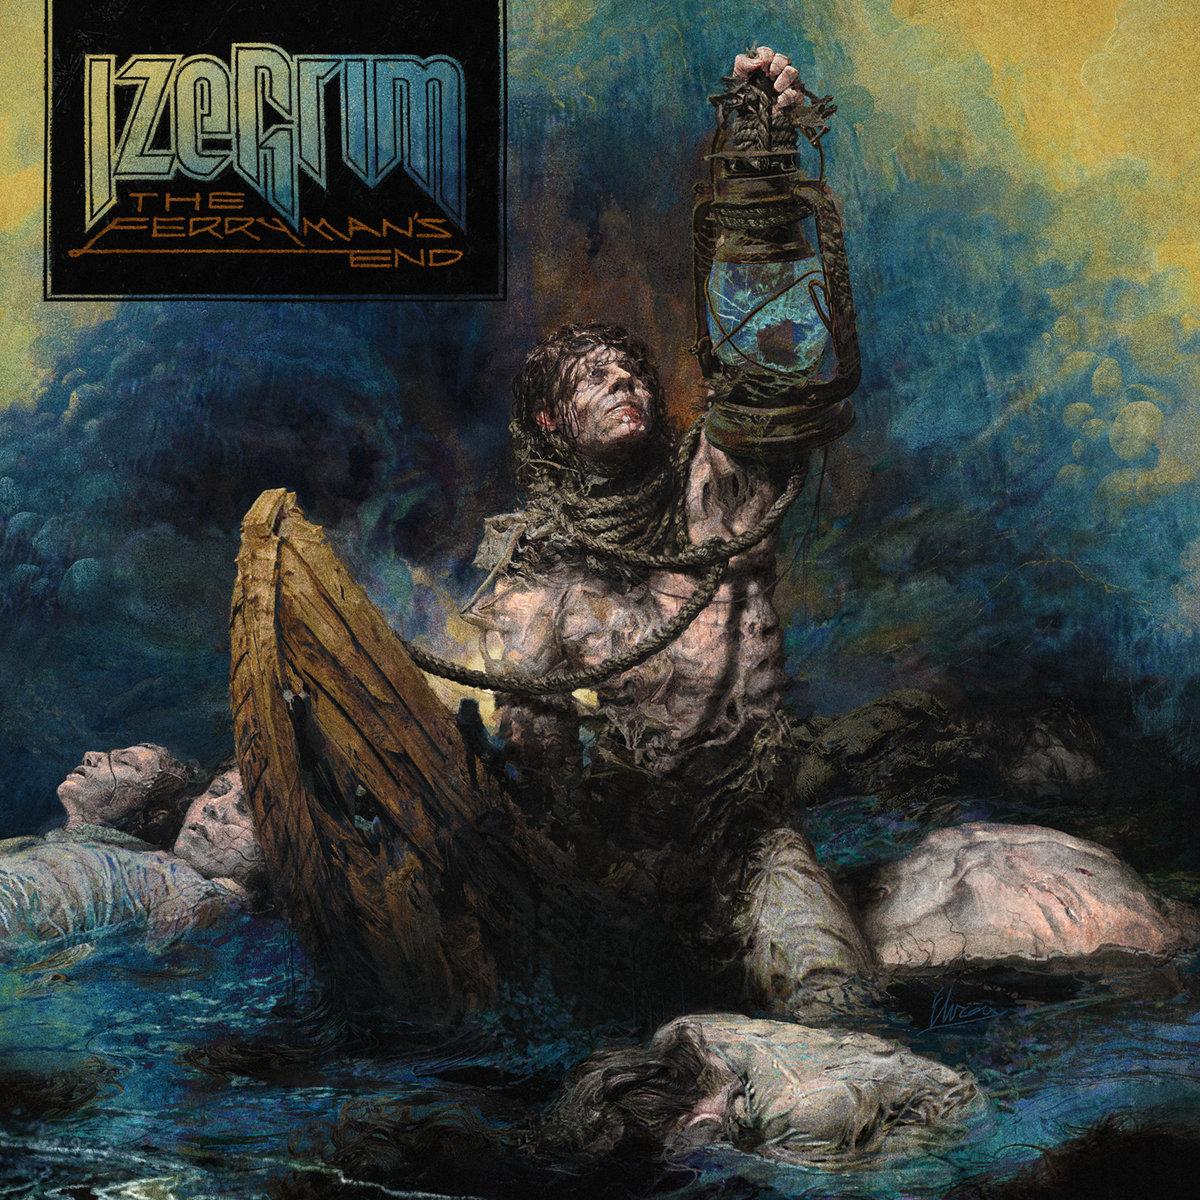 Izegrim - The Ferryman's End